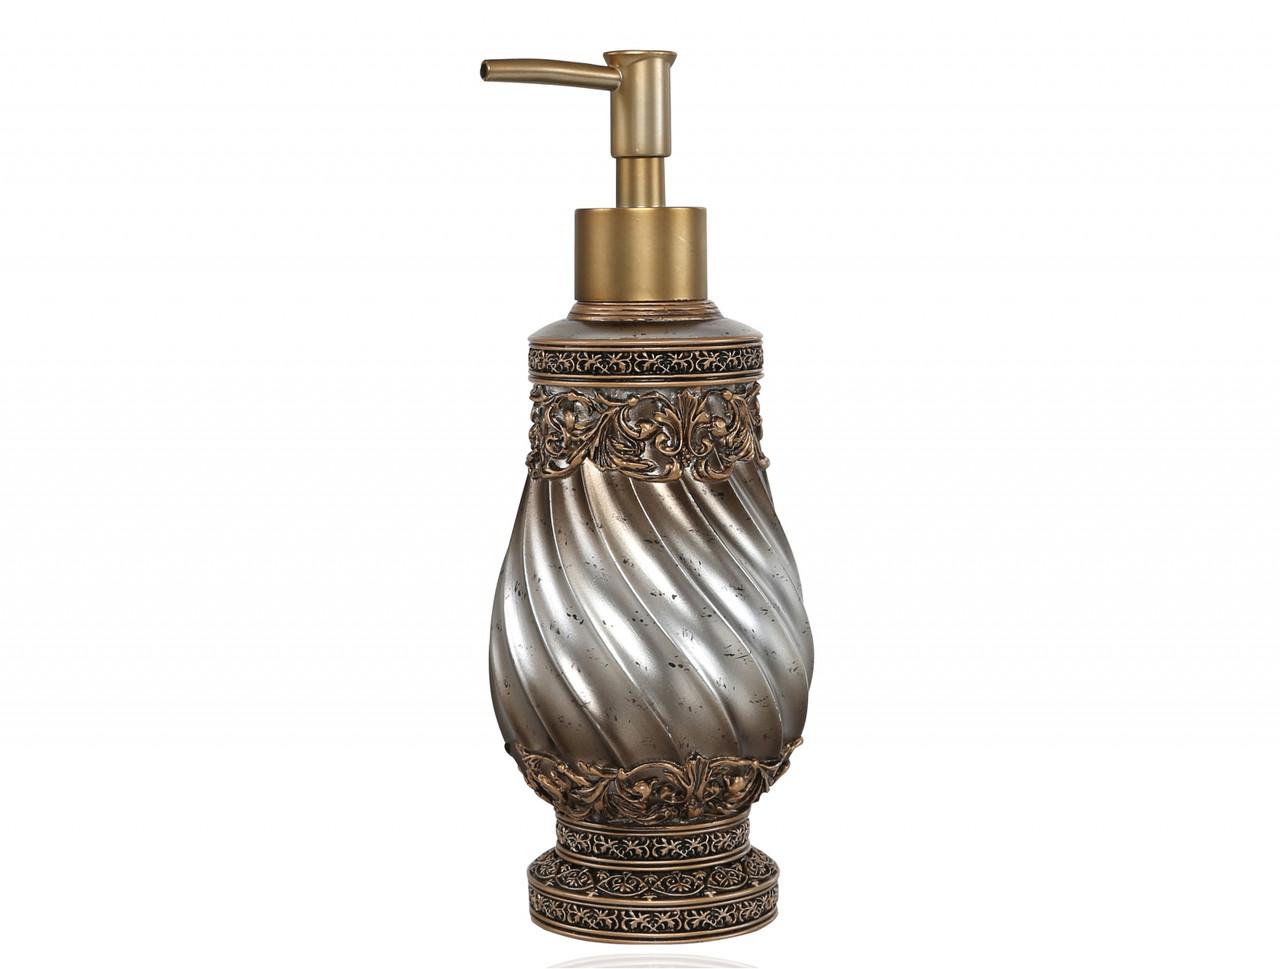 Дозатор для ванной Irya - Queen